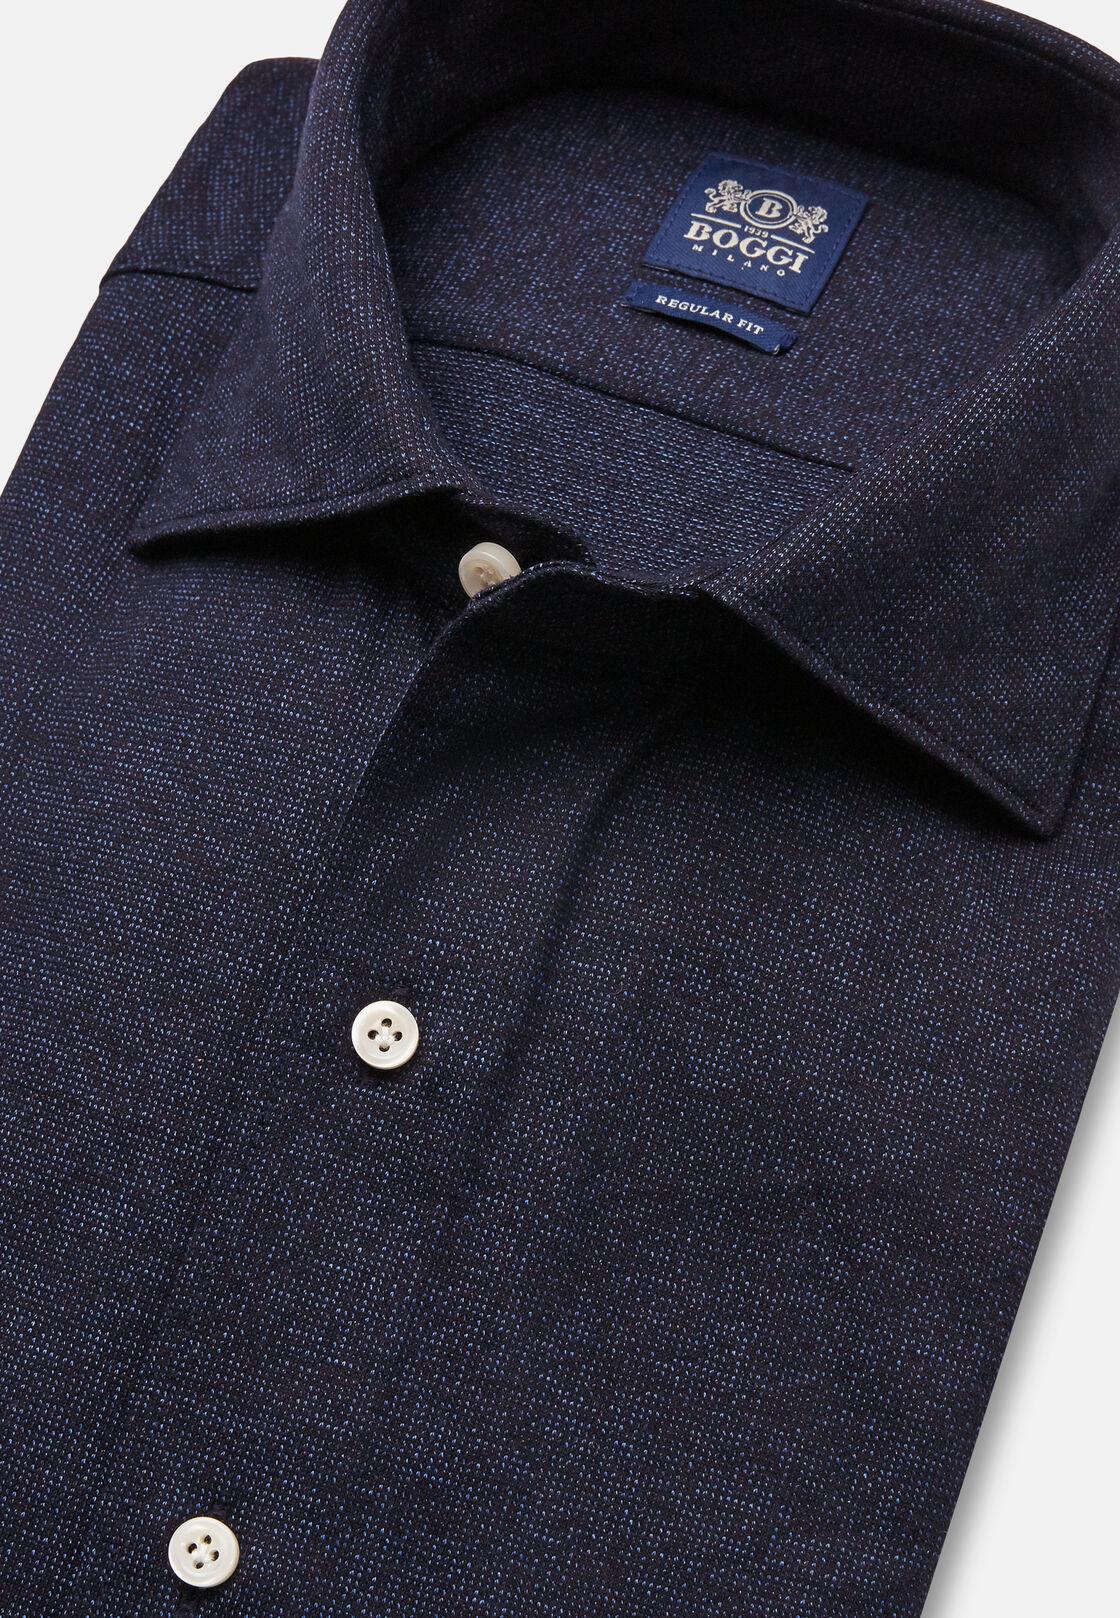 Polo camicia in jersey di cotone microfantasia, Blu, hi-res